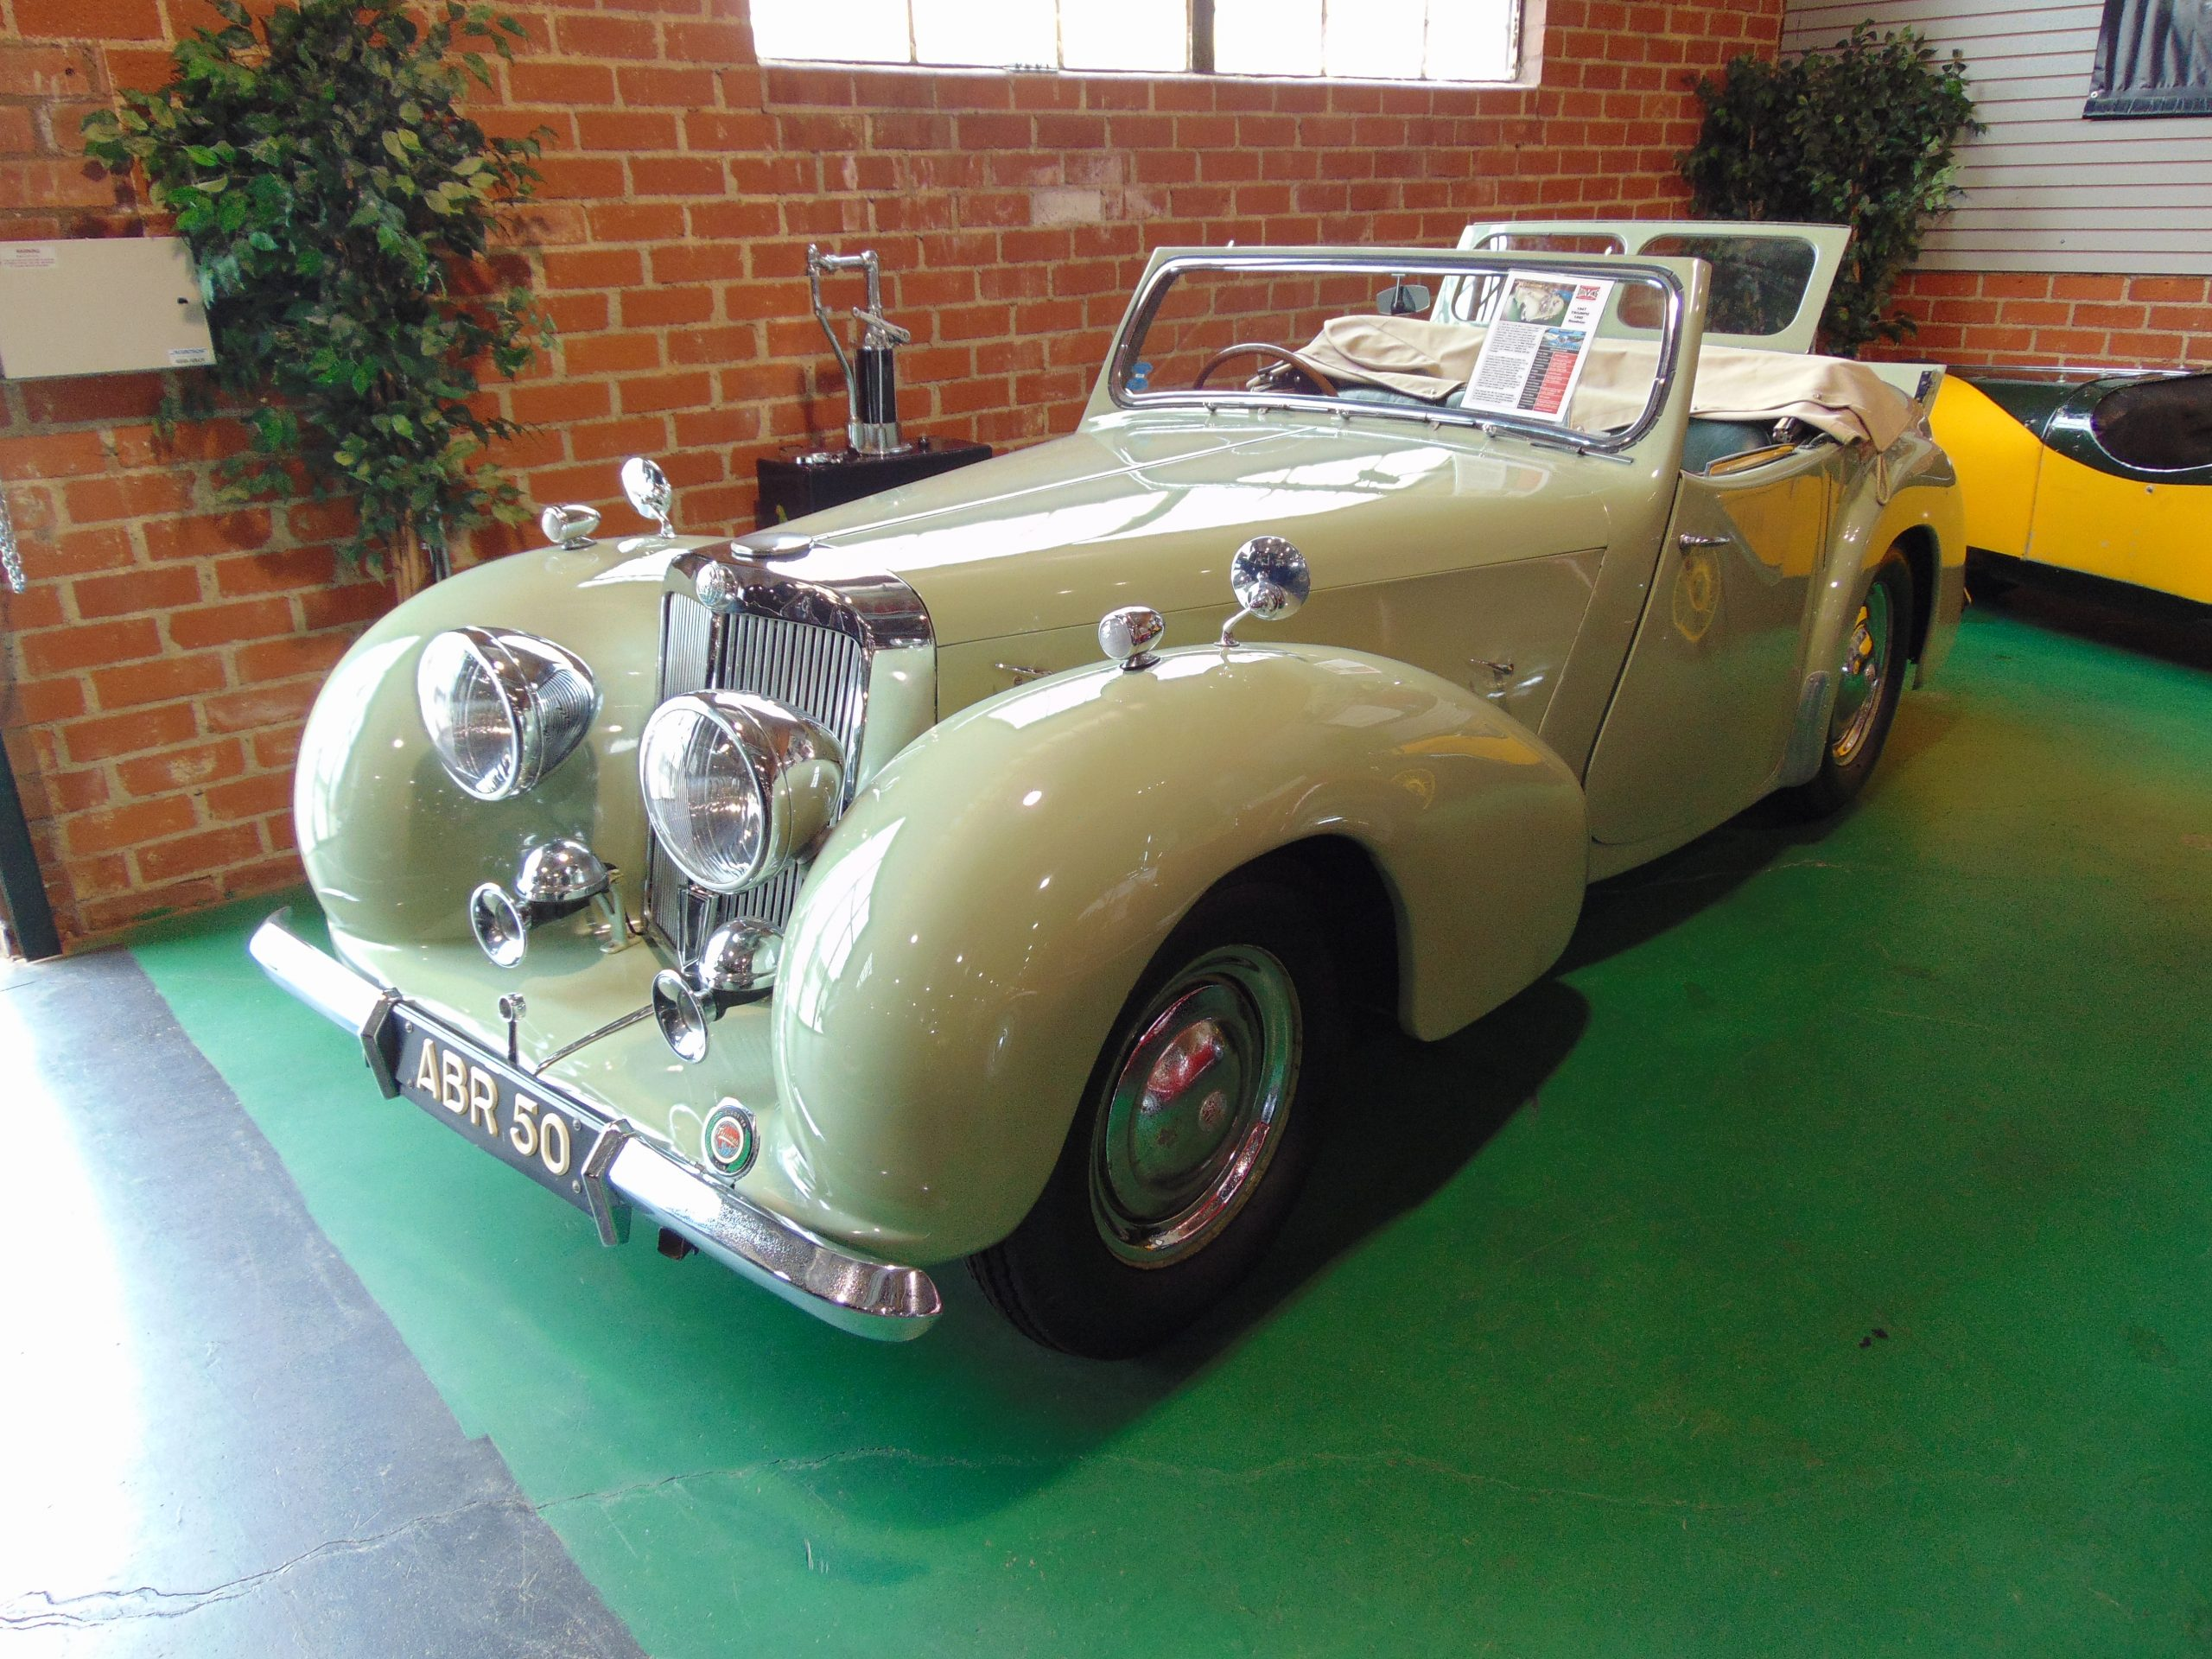 1947 Triumph for rent